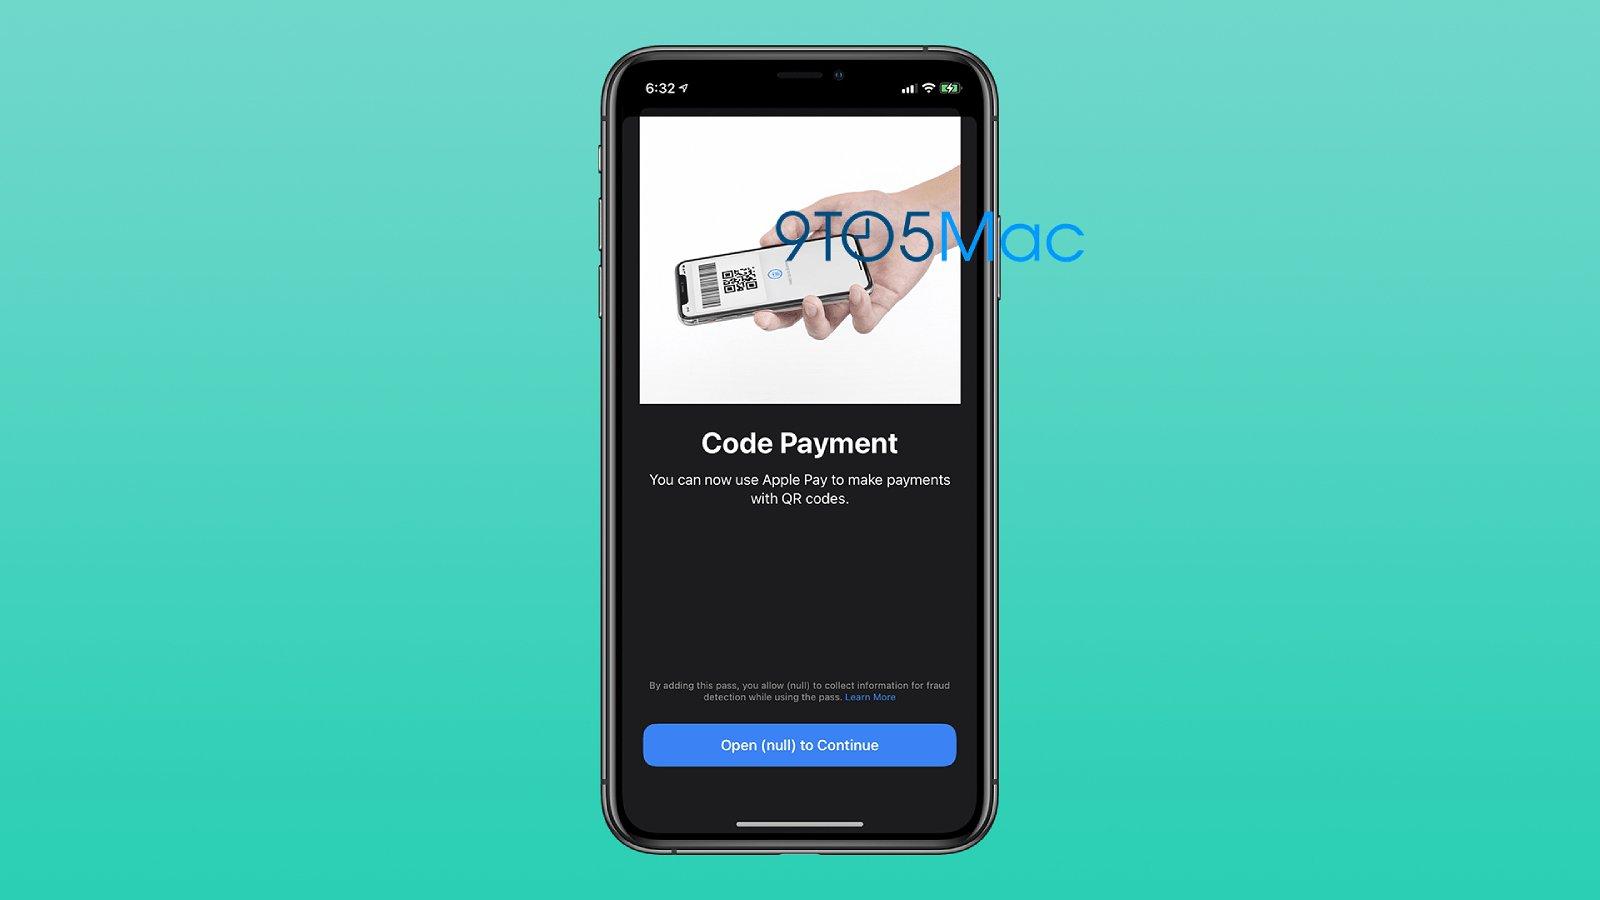 В iOS 14 на Apple iPhone можно будет платить при помощи QR-кодов